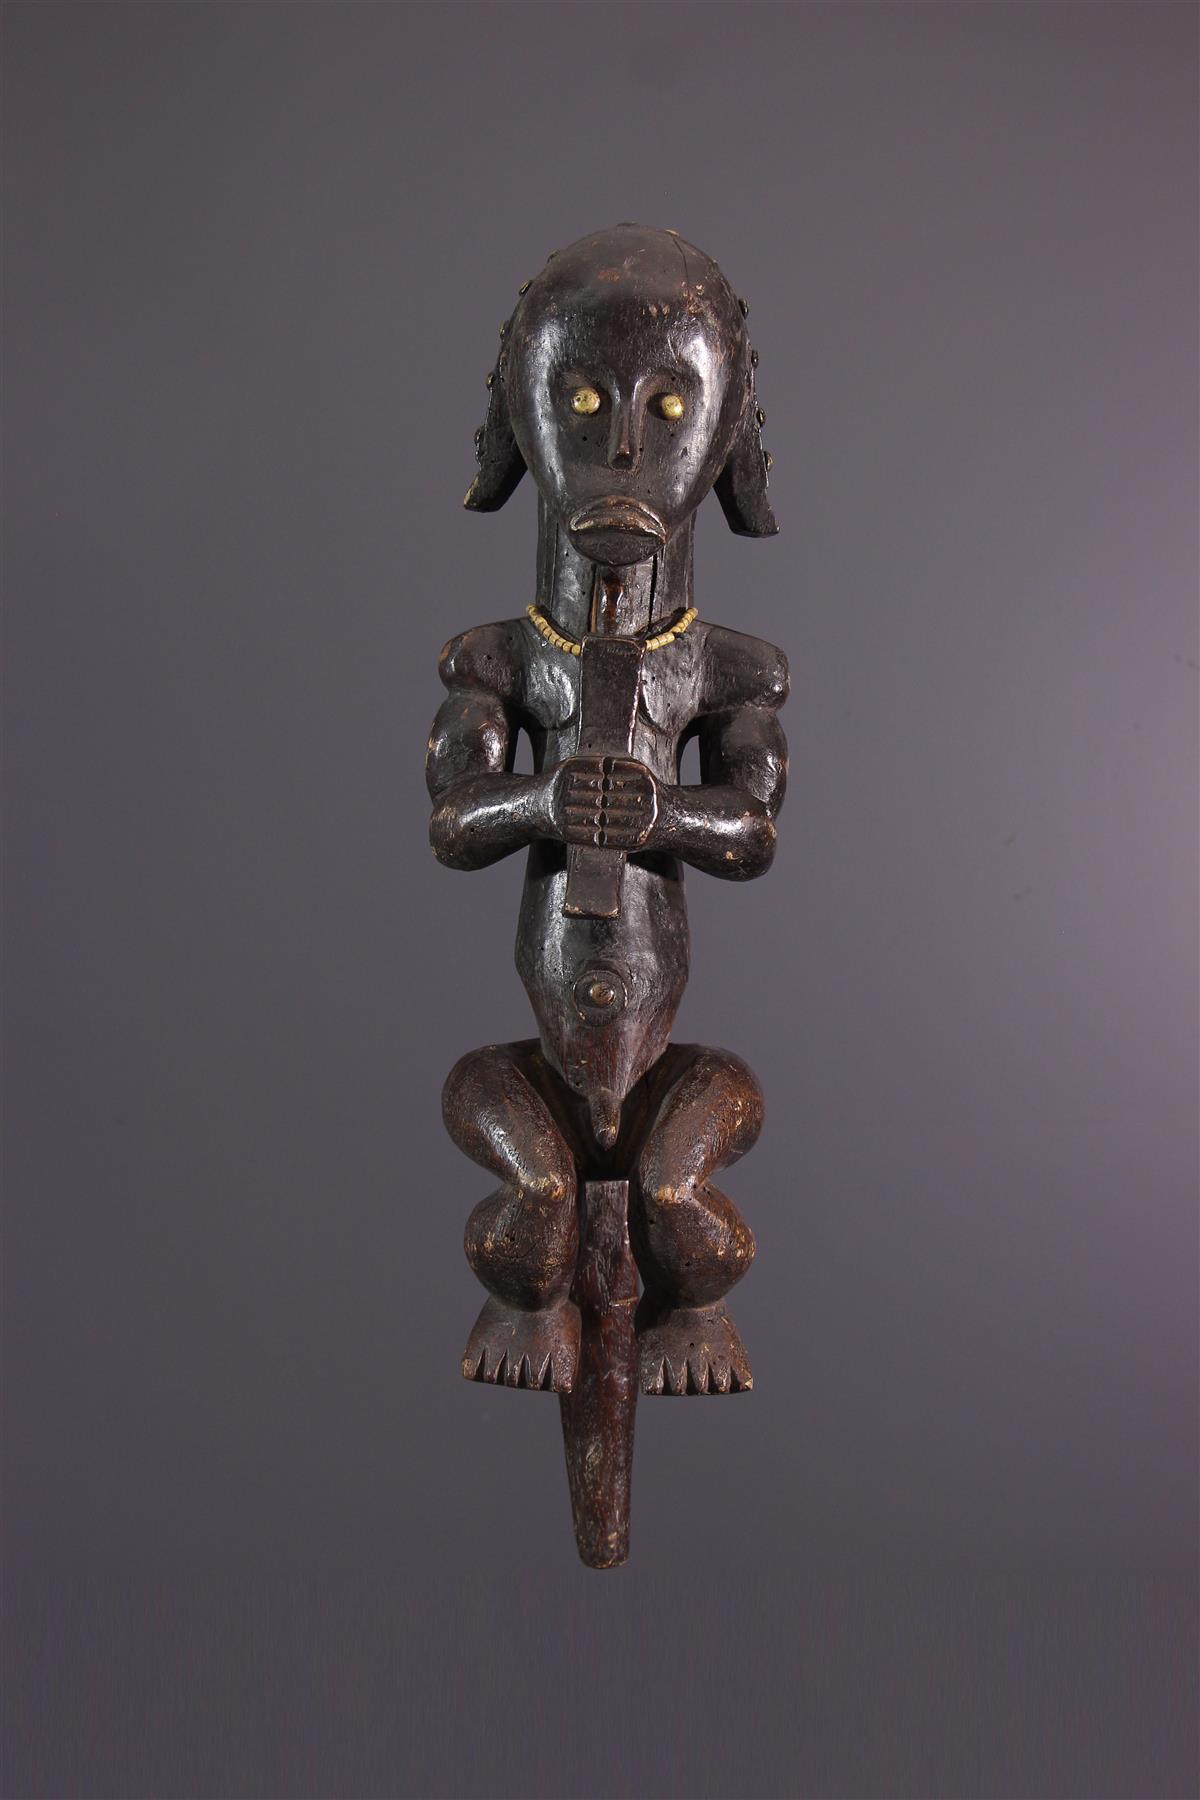 Fang statue - African art